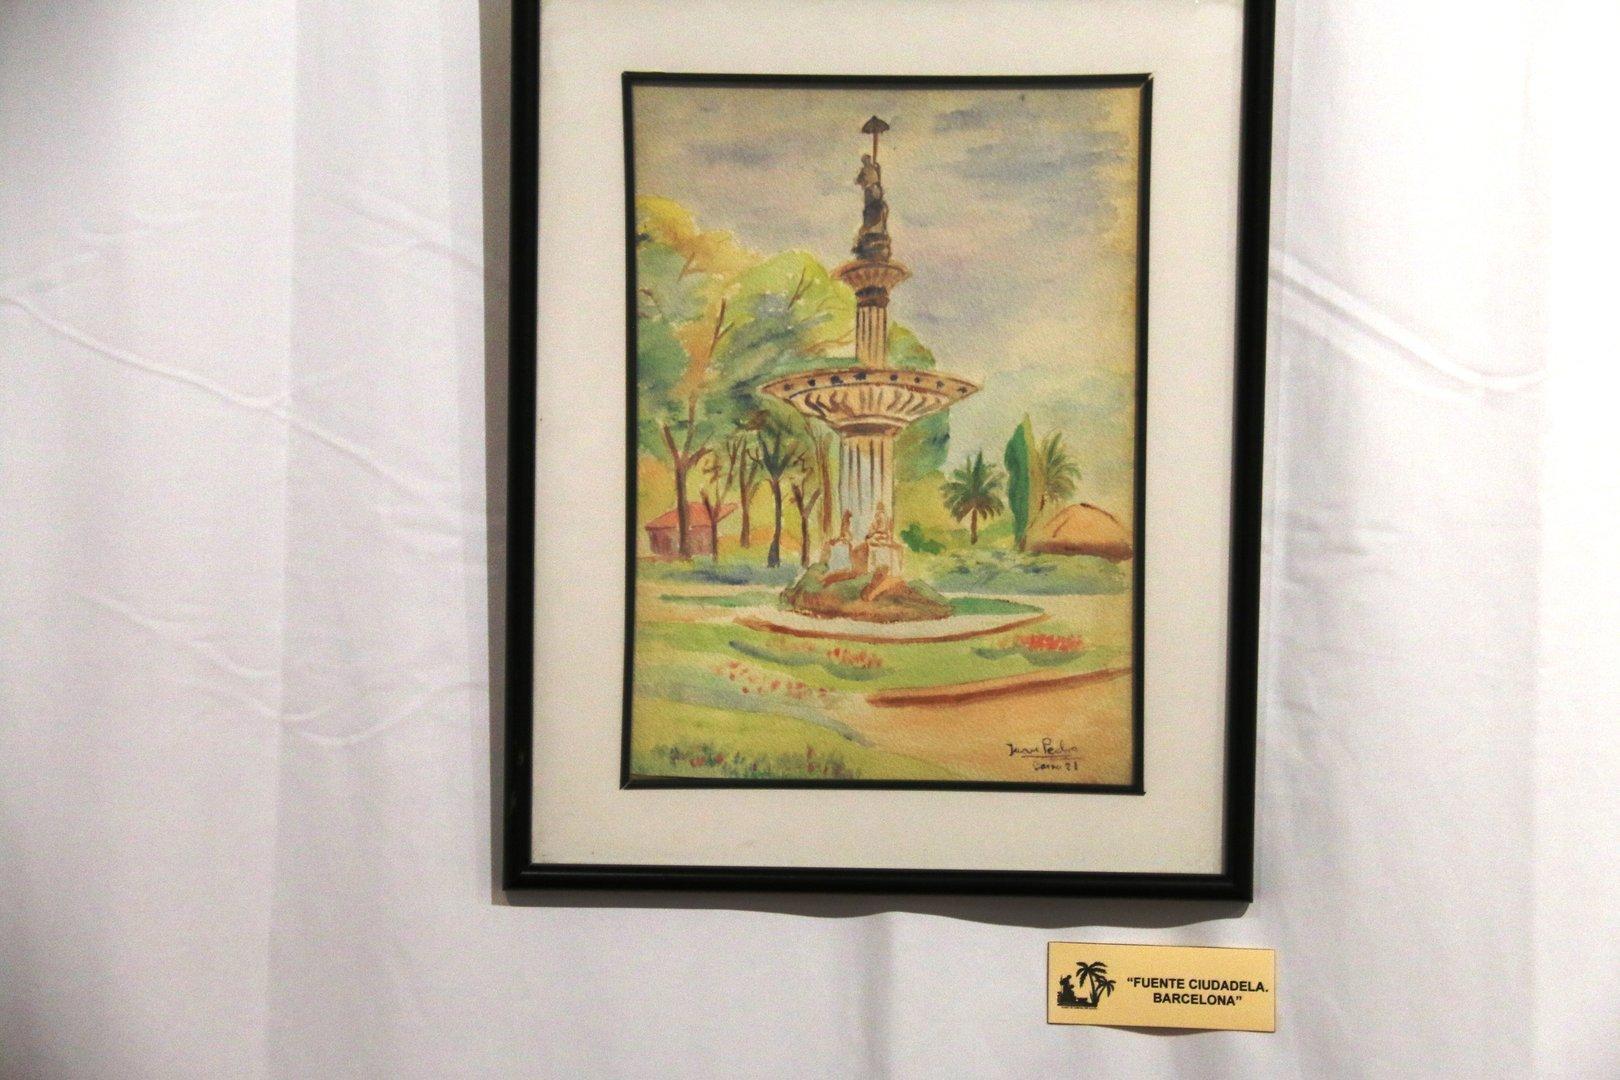 Exposición Retrospectiva-Obra pictórica de Juan Pedro Marín